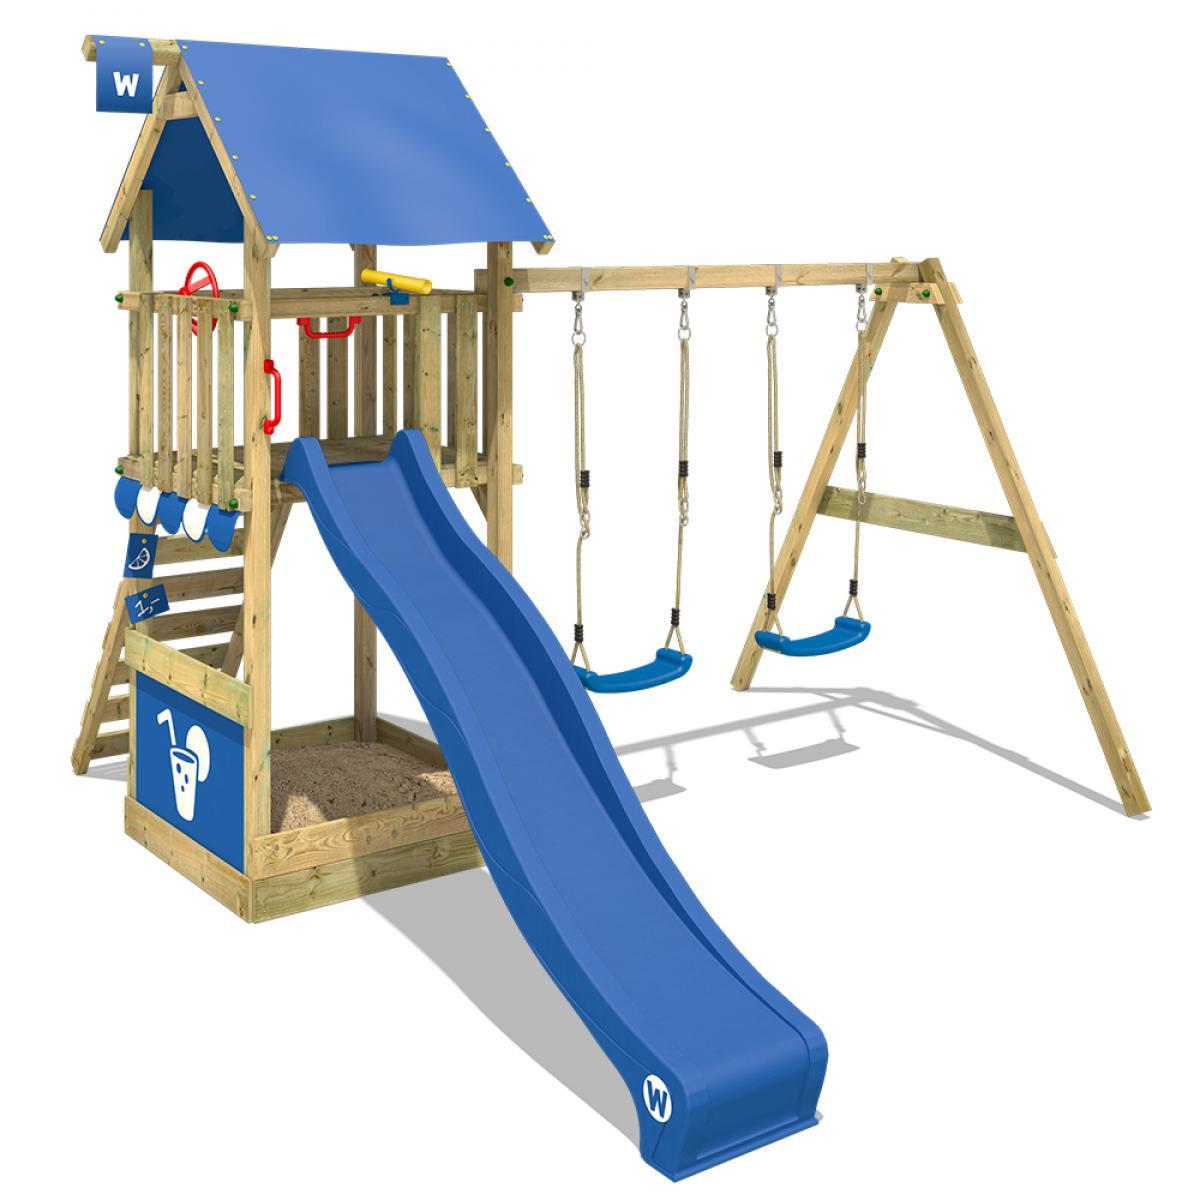 Wickey WICKEY Aire de jeux Portique bois Smart Shelter avec balançoire et toboggan bleu Maison enfant exterieur avec bac à sabl